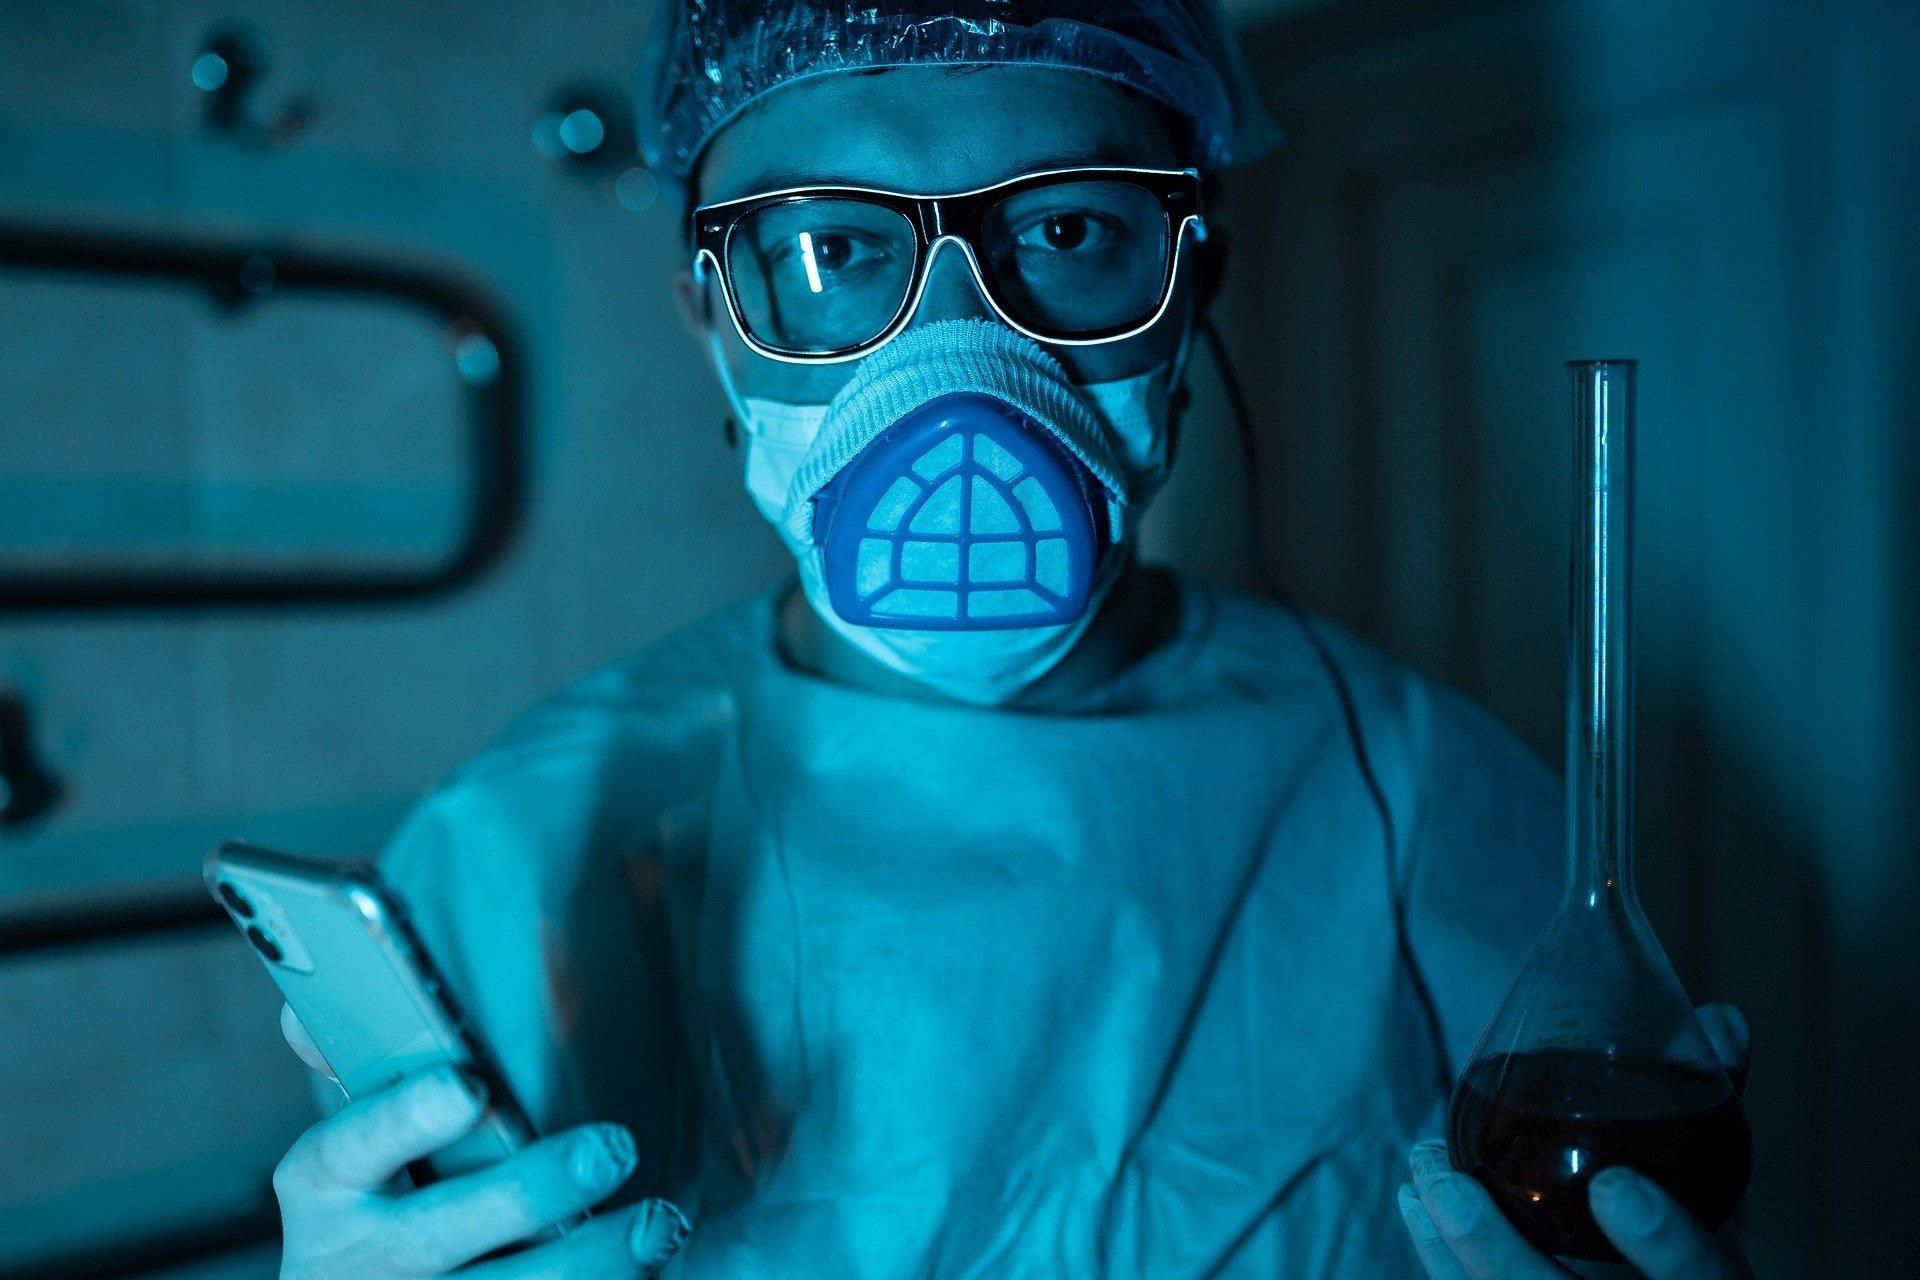 Эпидемиологи не знают показатели смертности от Covid-19